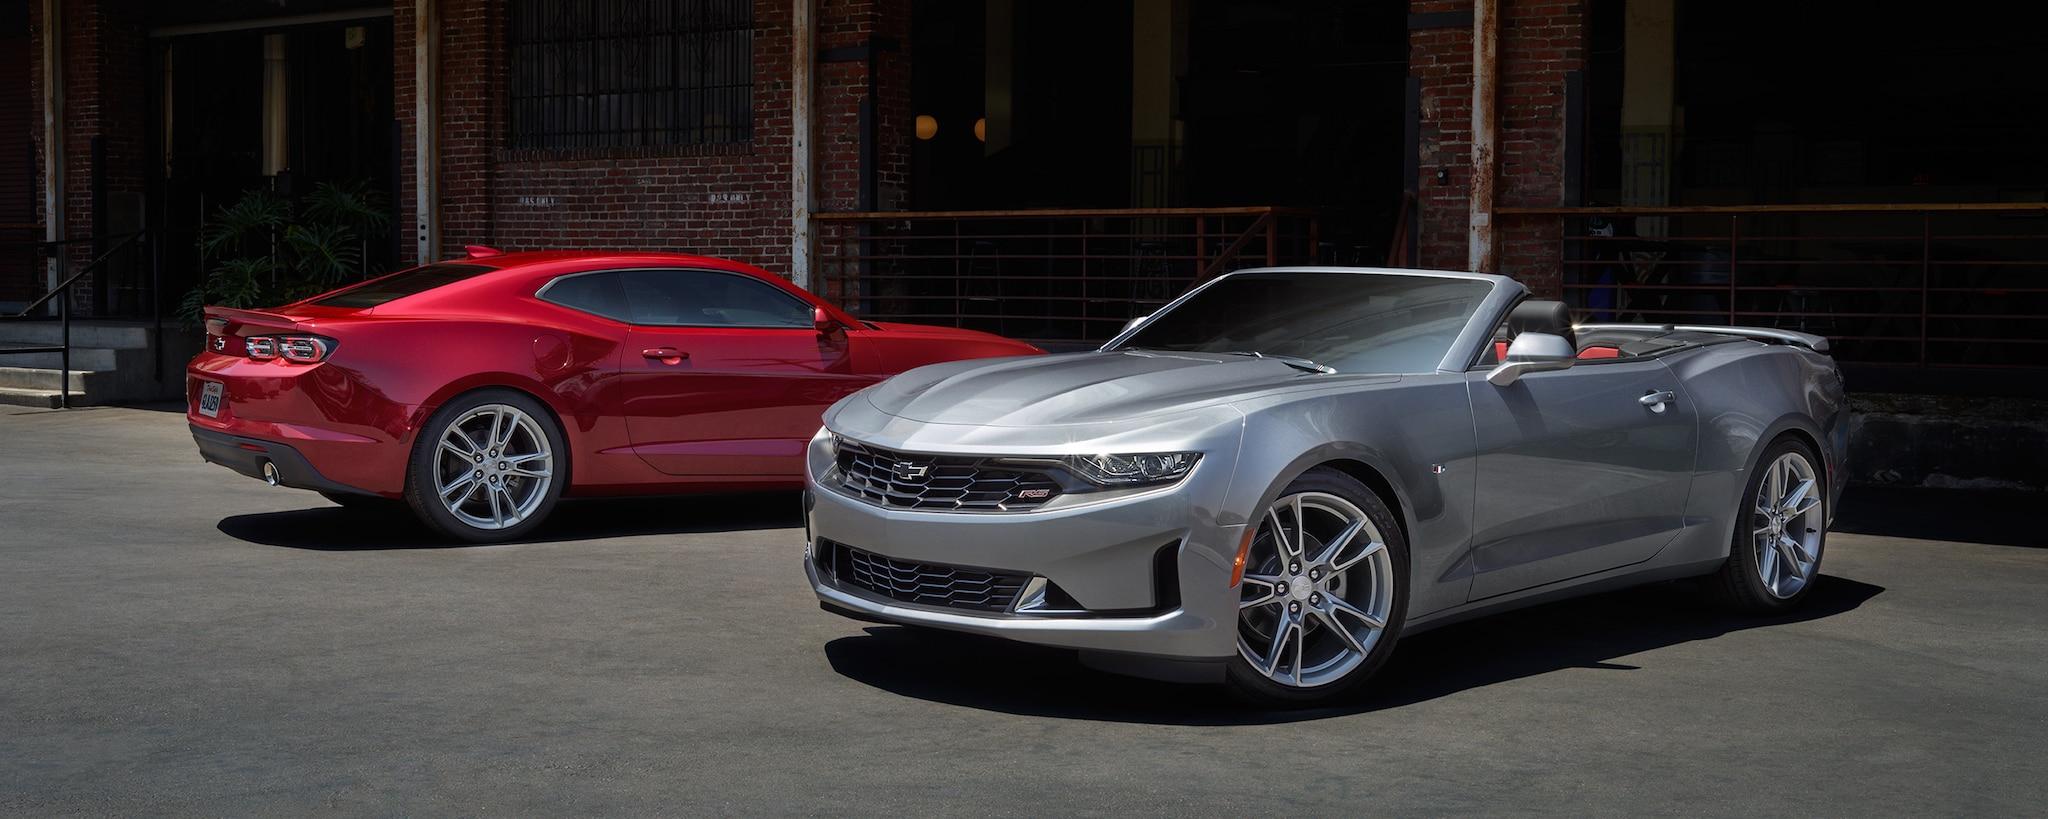 Autos deportivos Chevrolet